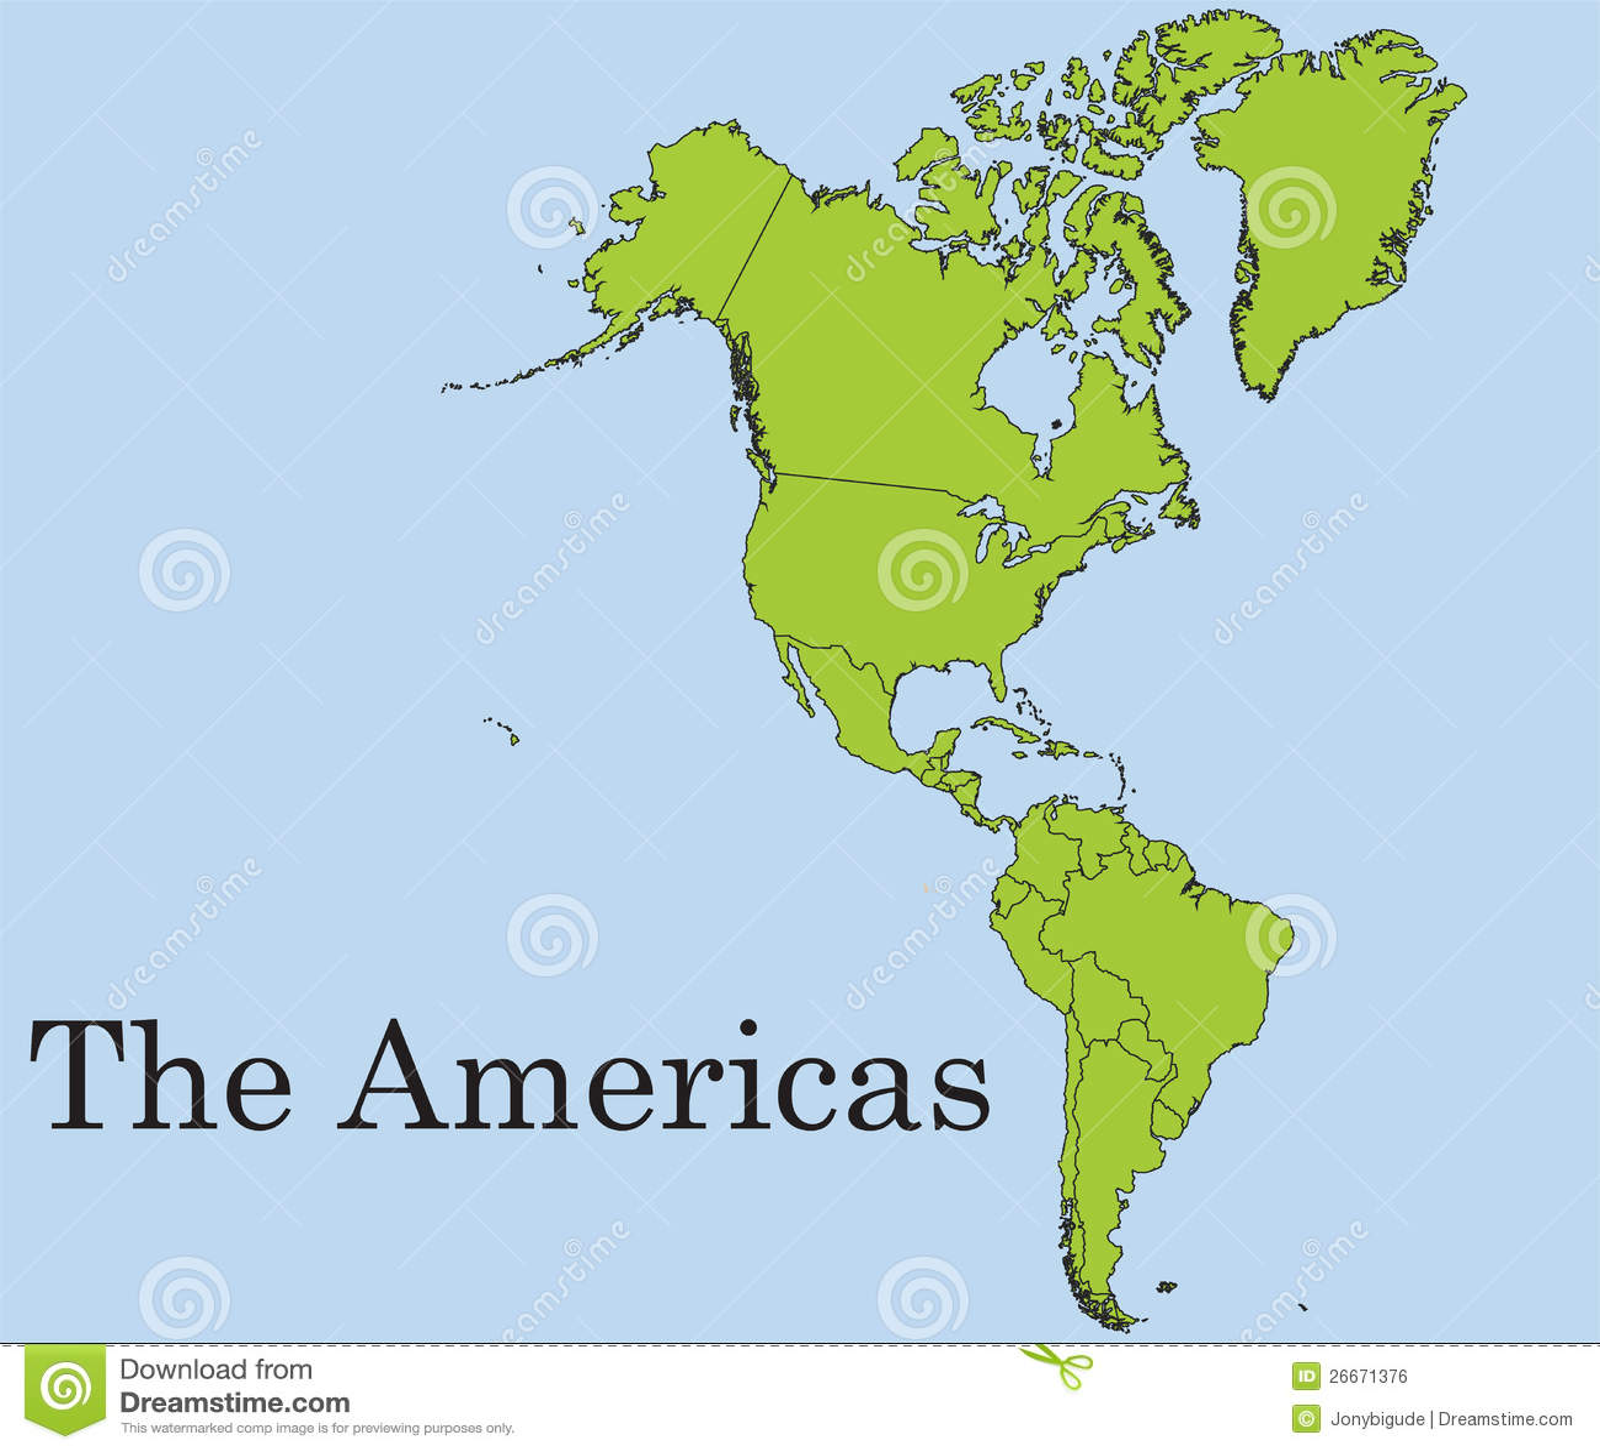 image Forgetten dreams continente americano